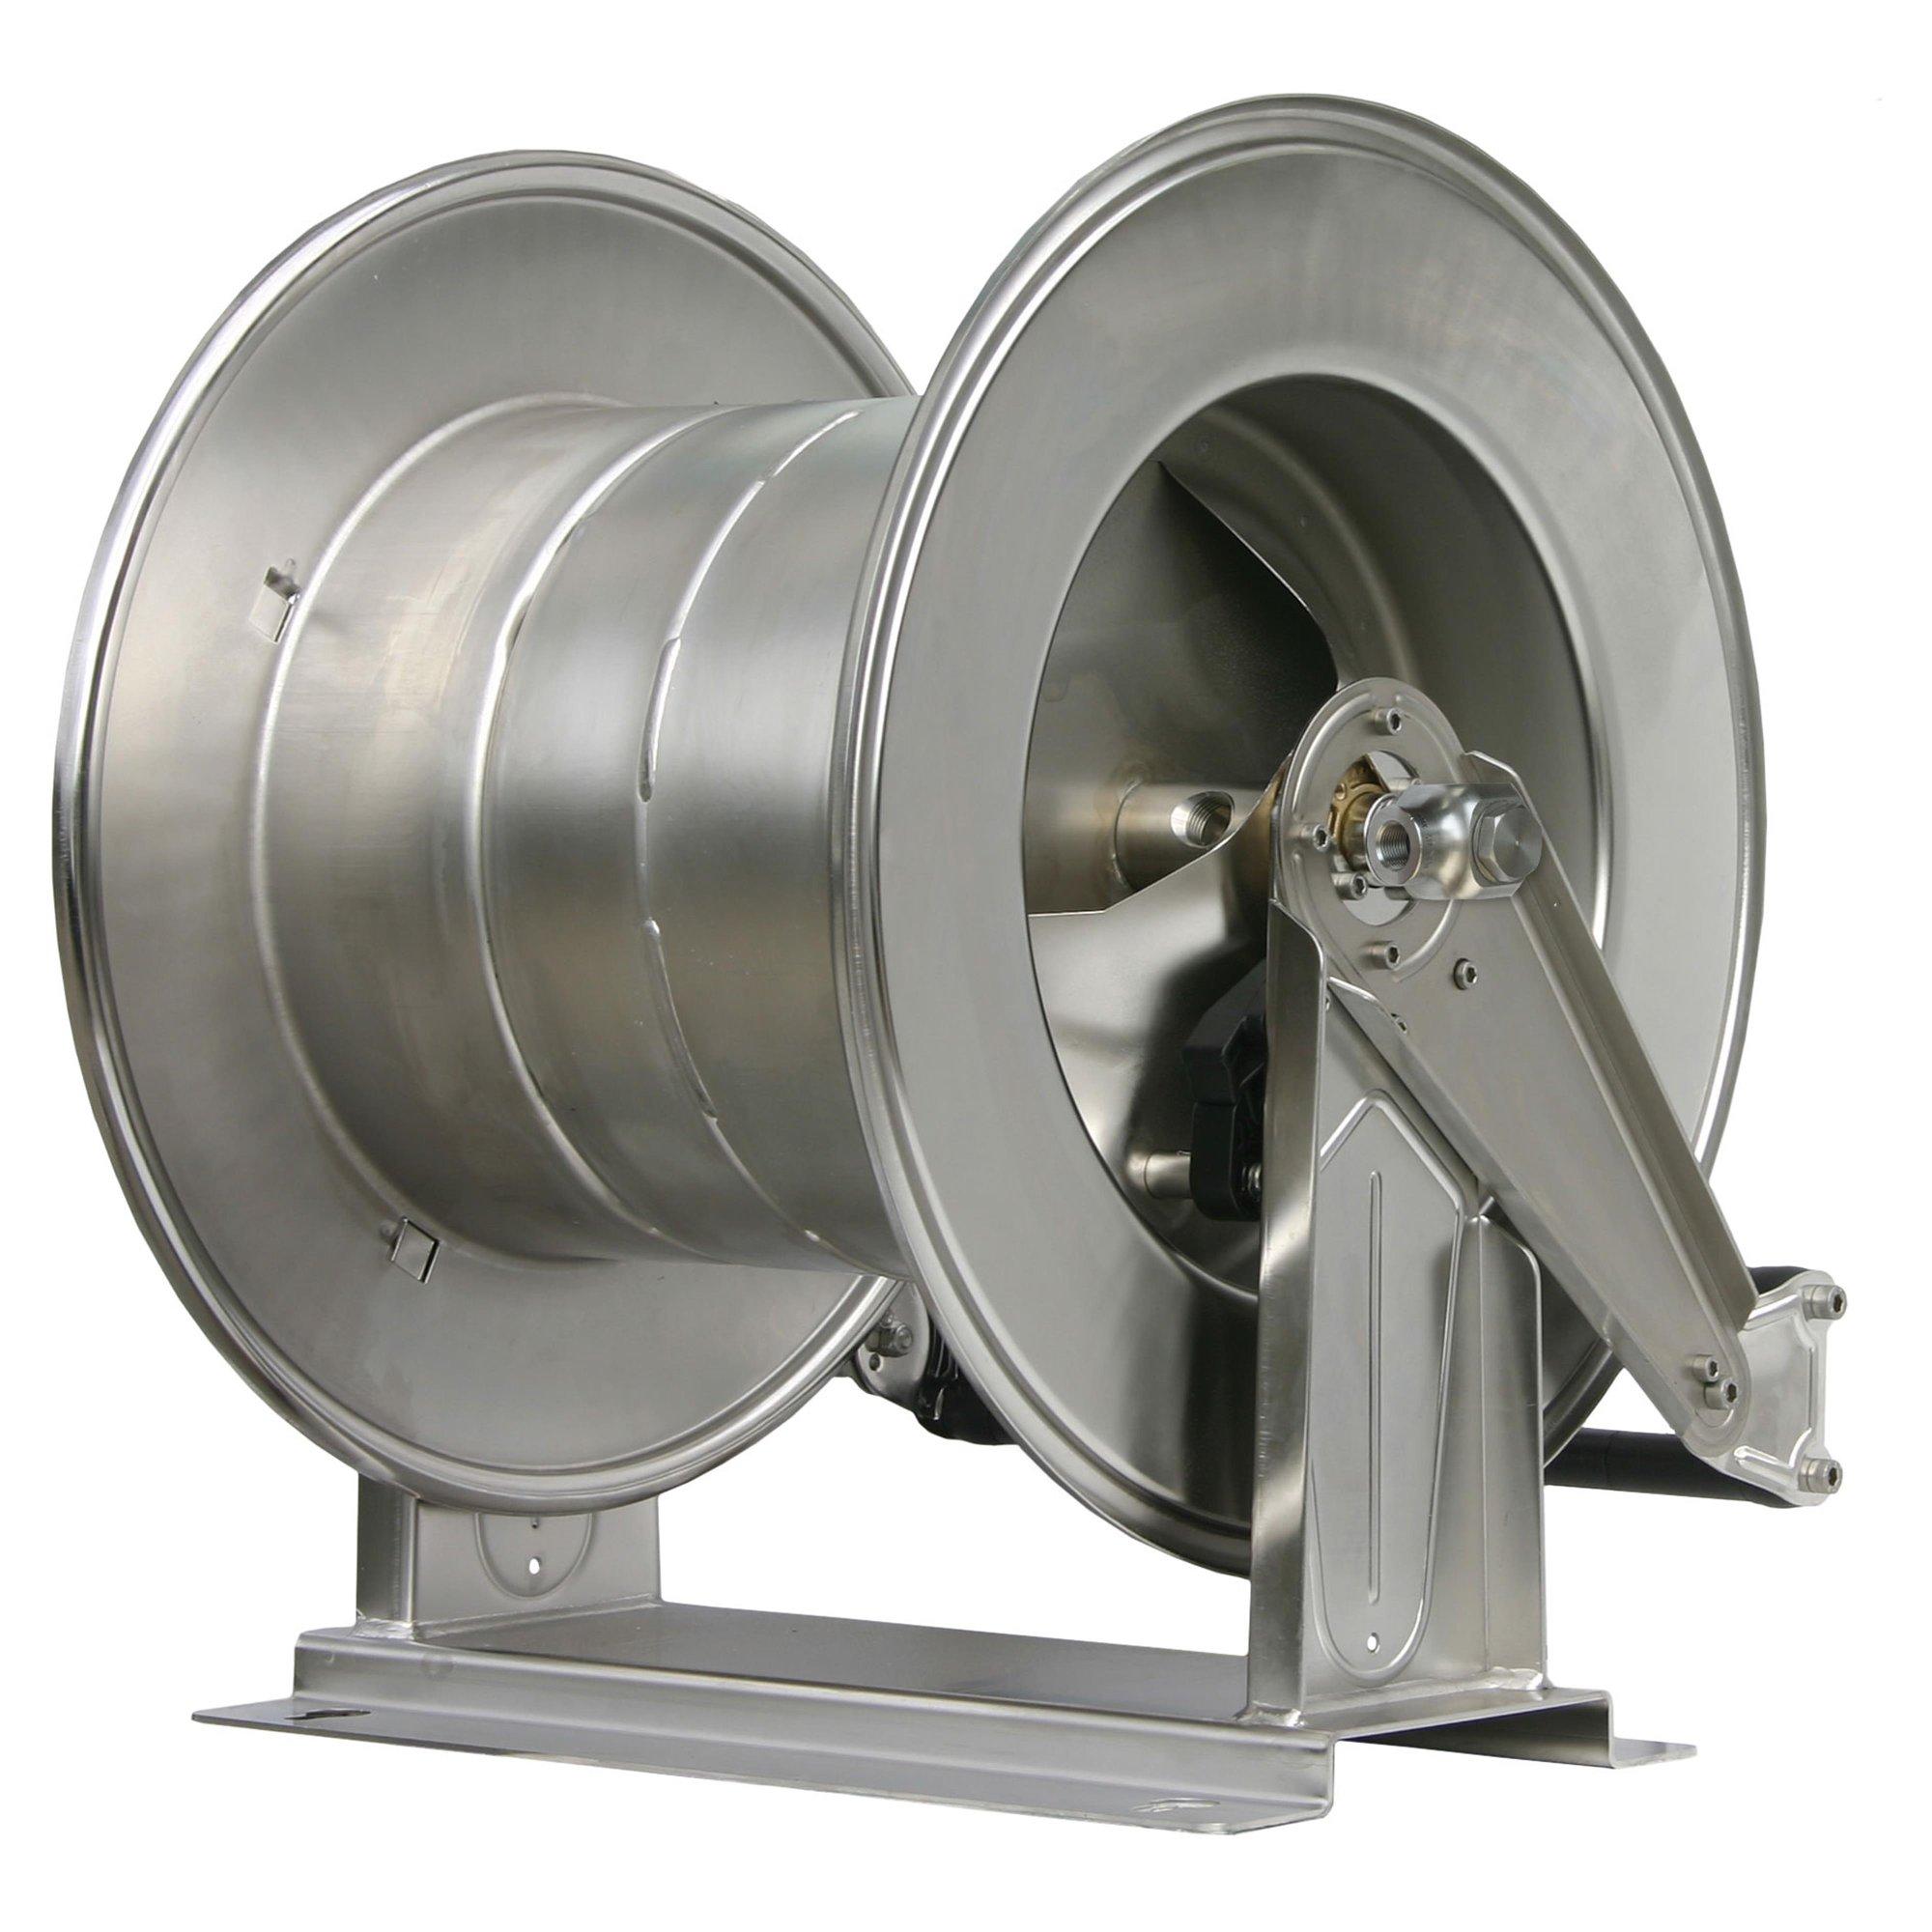 R+M de Wit Schlauchaufroller R+M, max. 300 bar, max. 90°C, Edelstahl Schlauchaufr. 60 M. 1/2-1/2IG VA 300 bar |